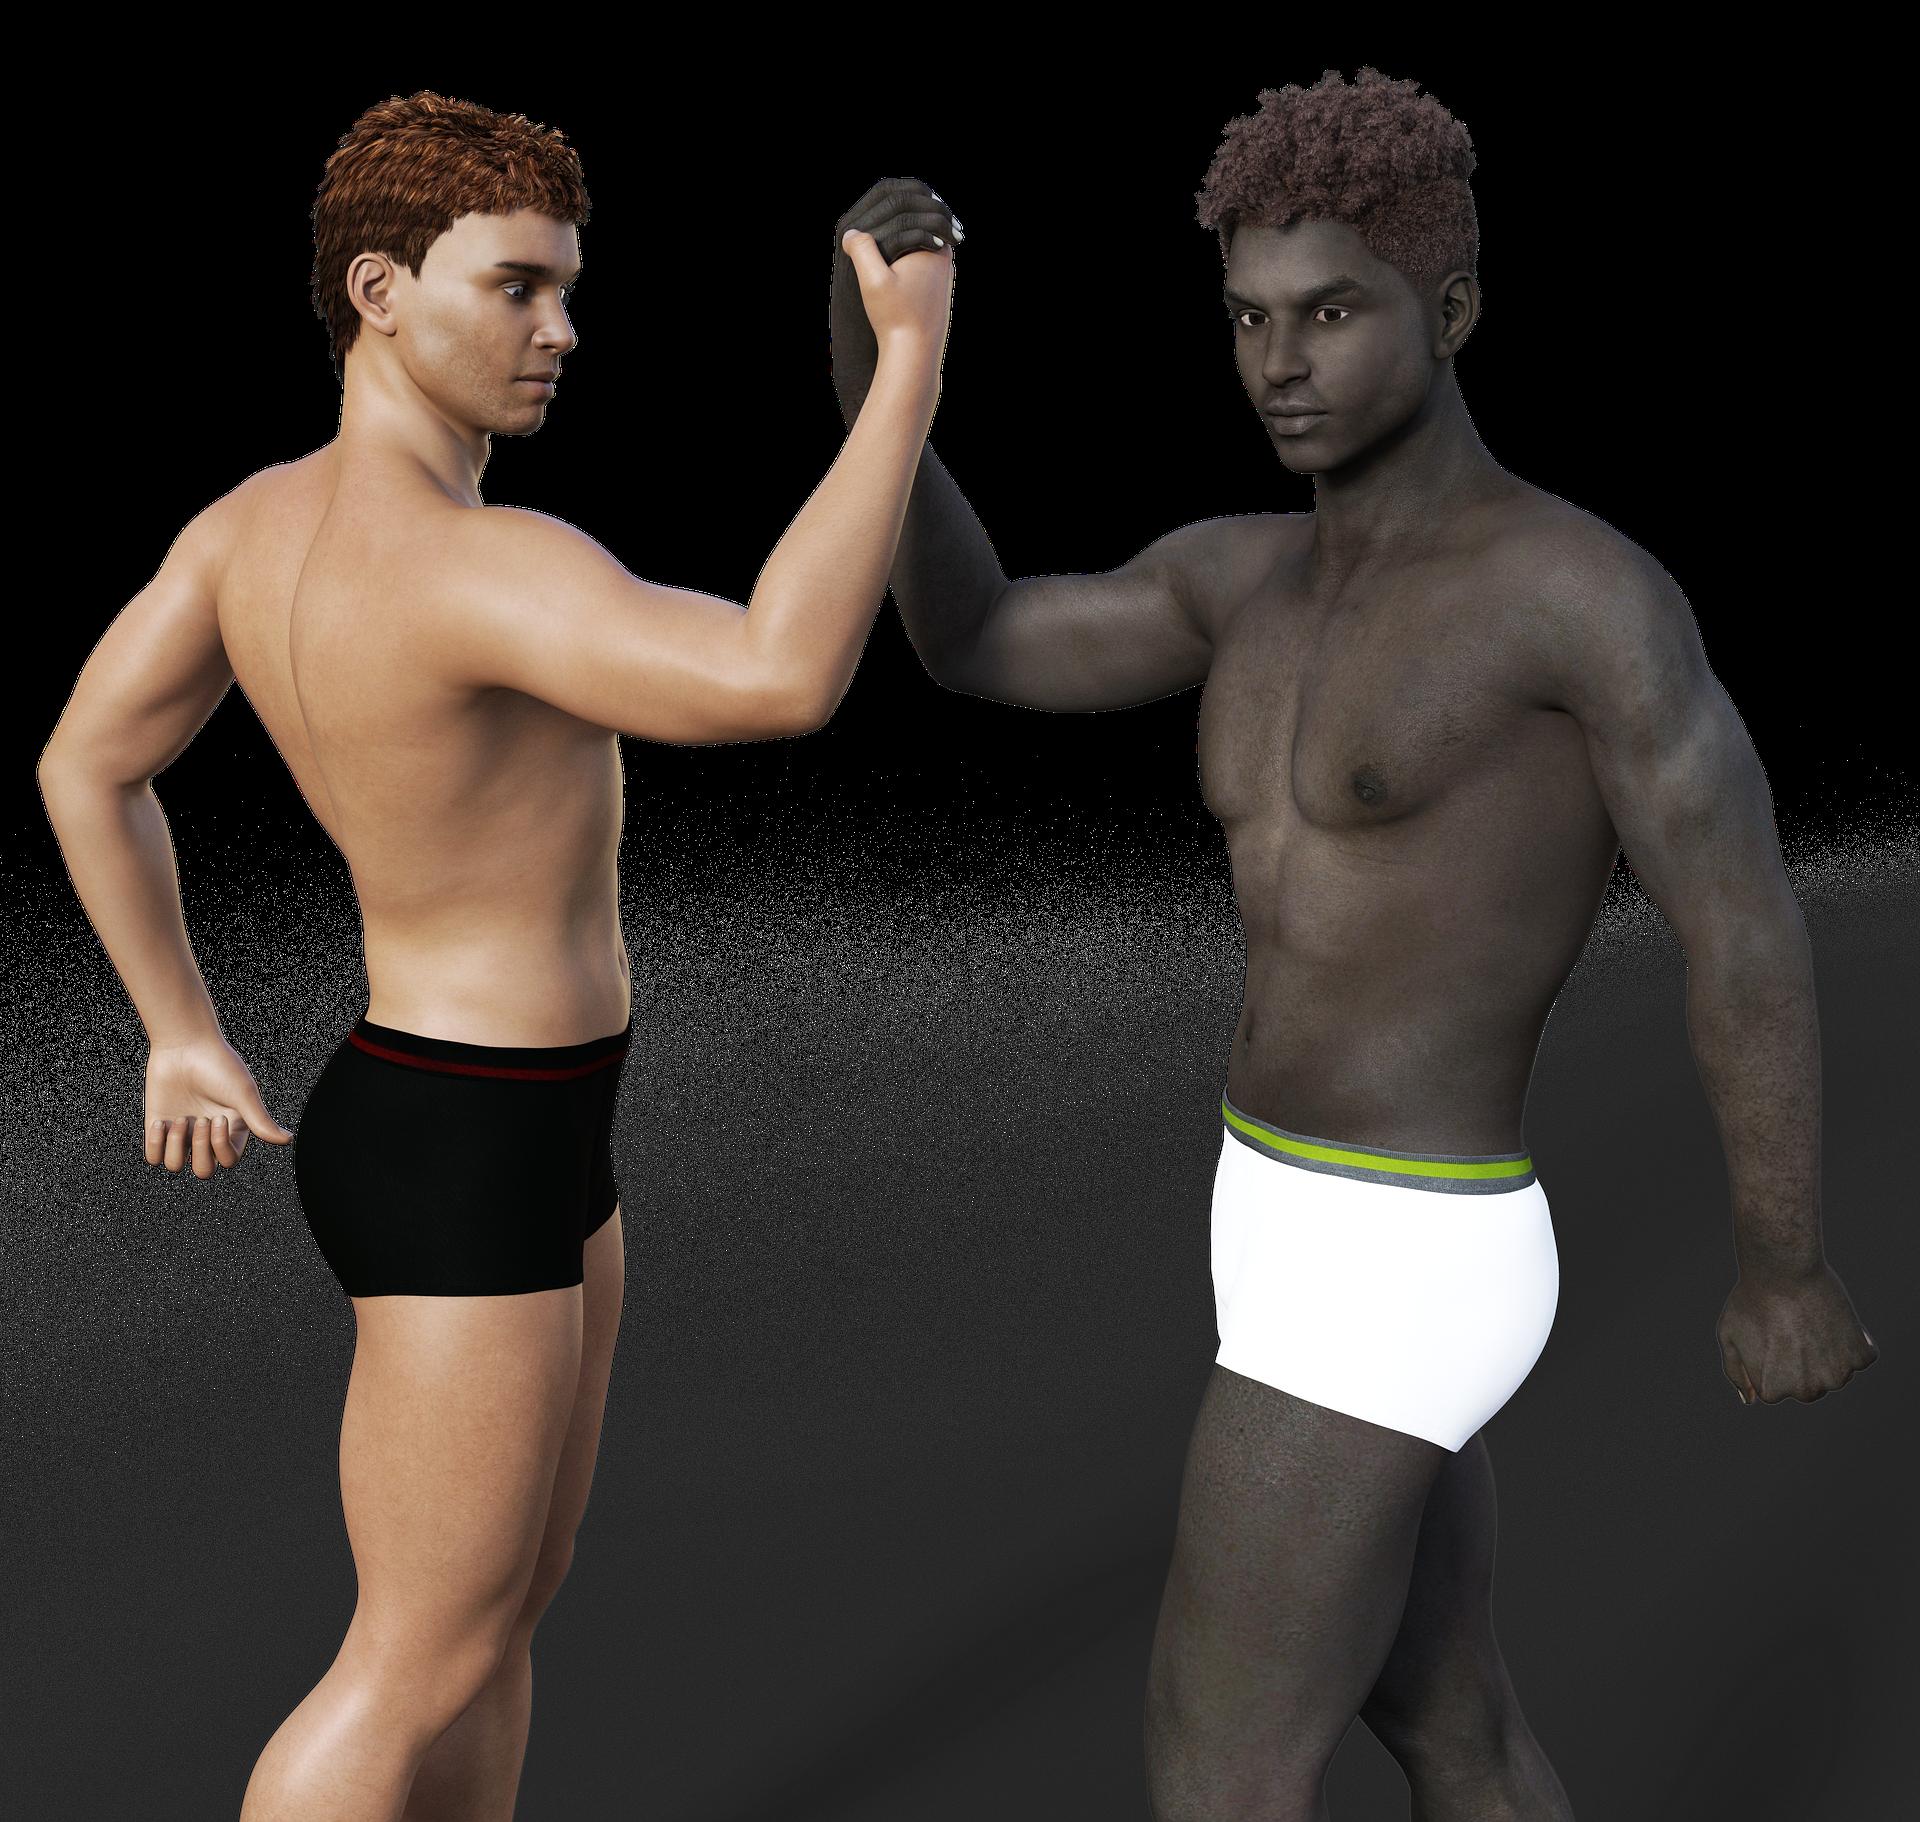 Uhriutumisen kulttuuri -blogin kuva, jossa vaalea ihoinen ja tumma ihoinen mies vierekkäin (piirretty).